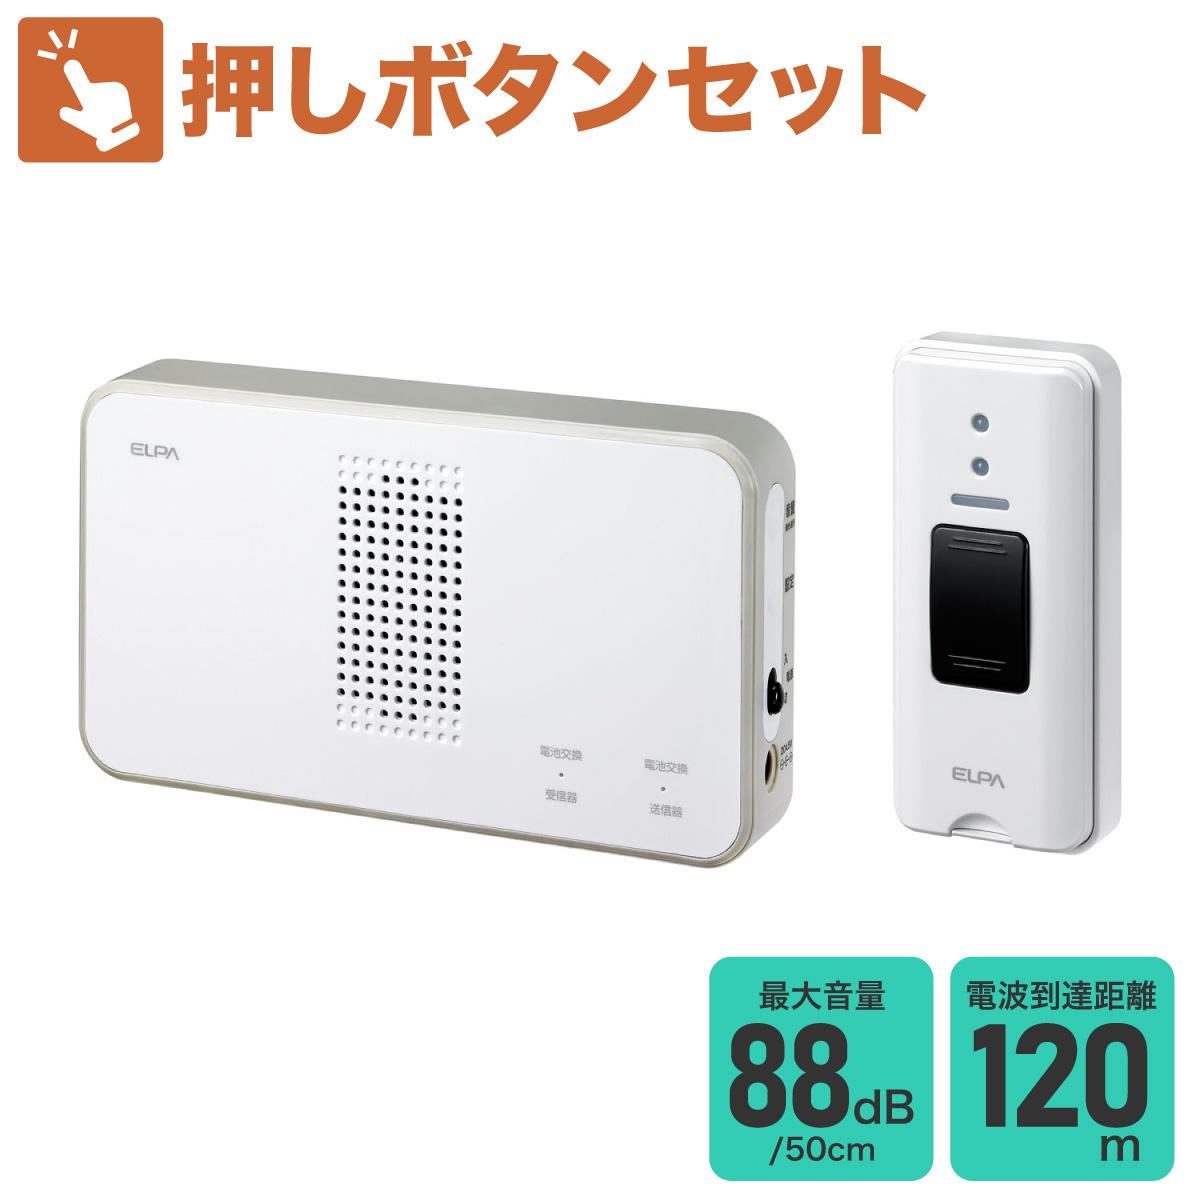 誕生日プレゼント お部屋間の呼び出し インターホン ワイヤレスチャイムまとめ買い応援クーポン対象 エルパ 期間限定今なら送料無料 ワイヤレスチャイム 朝日電器 白押しボタンセット ELPA EWS-S5030